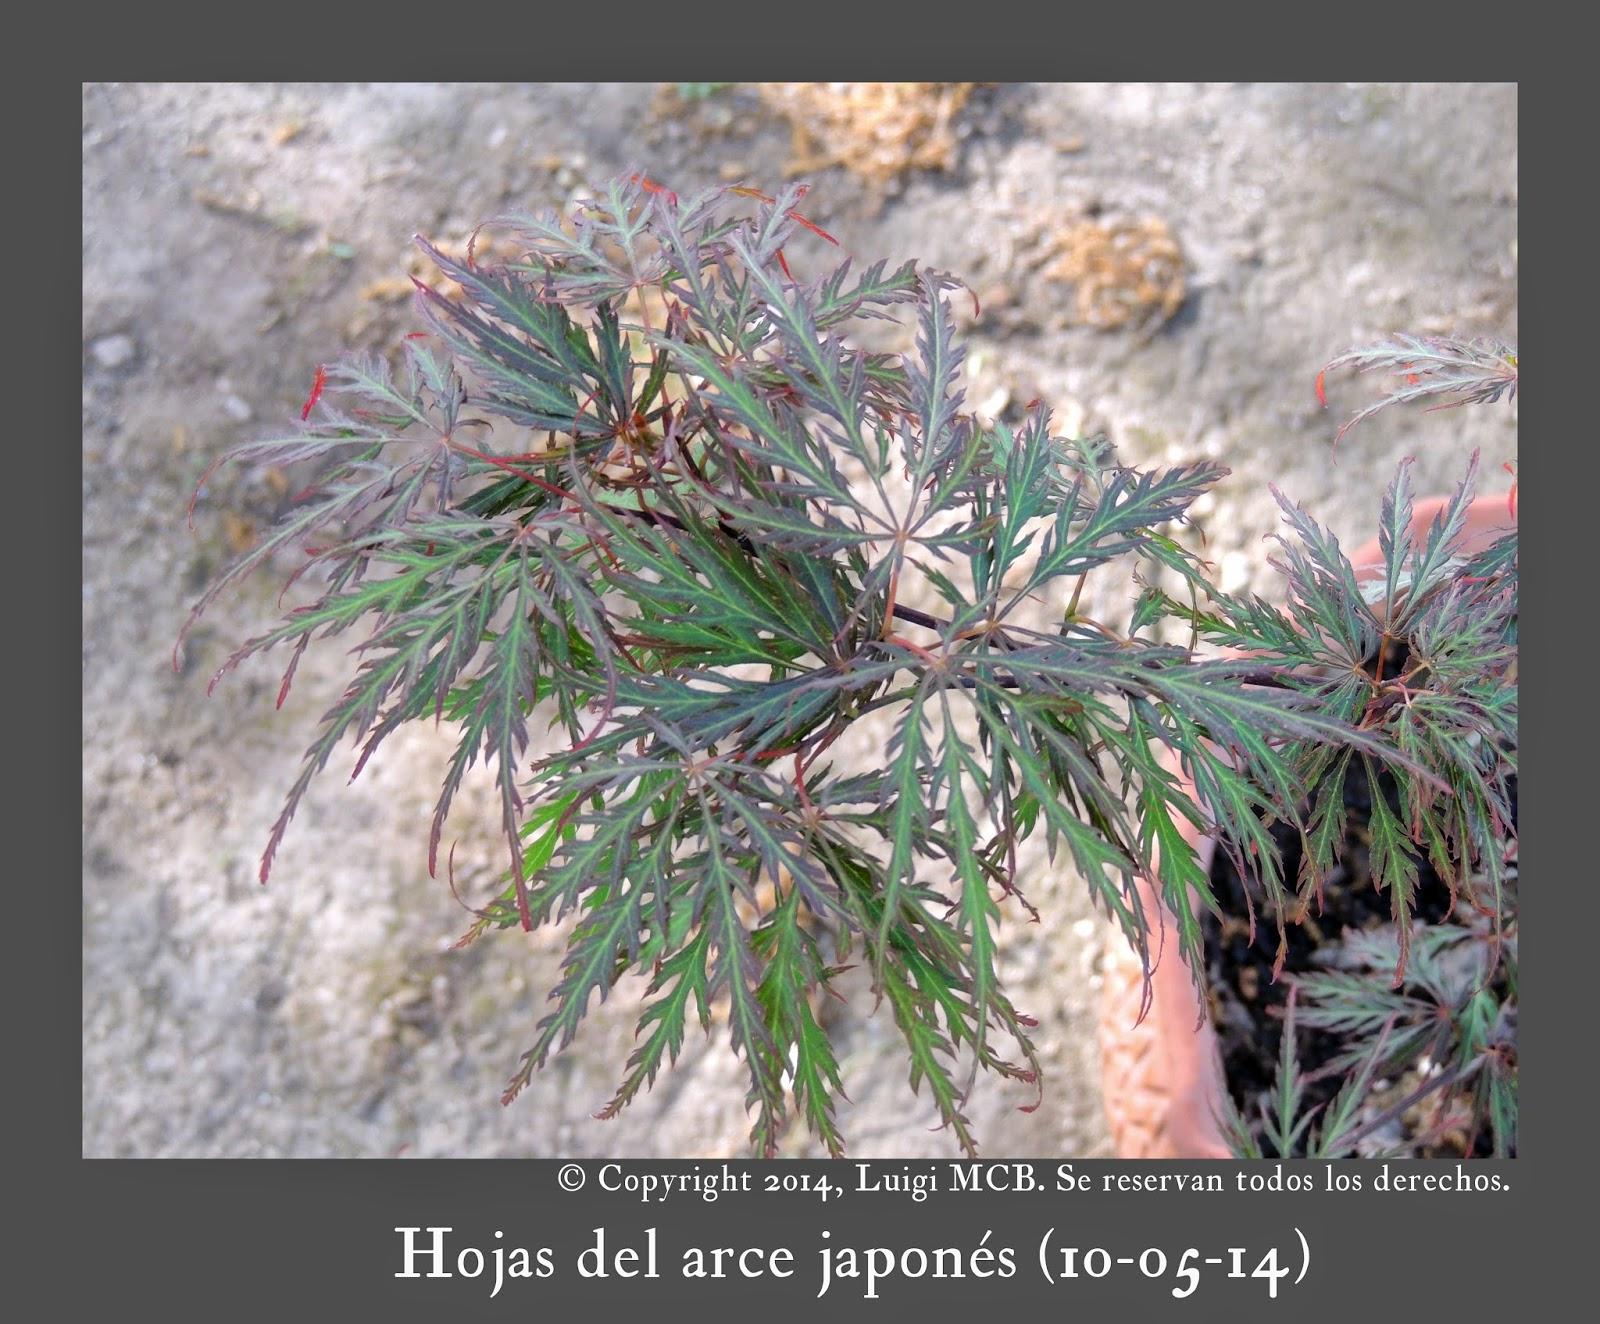 Fotograf as de tintinlmcb fotograf as de rboles ornamentales - Arce arbol espana ...